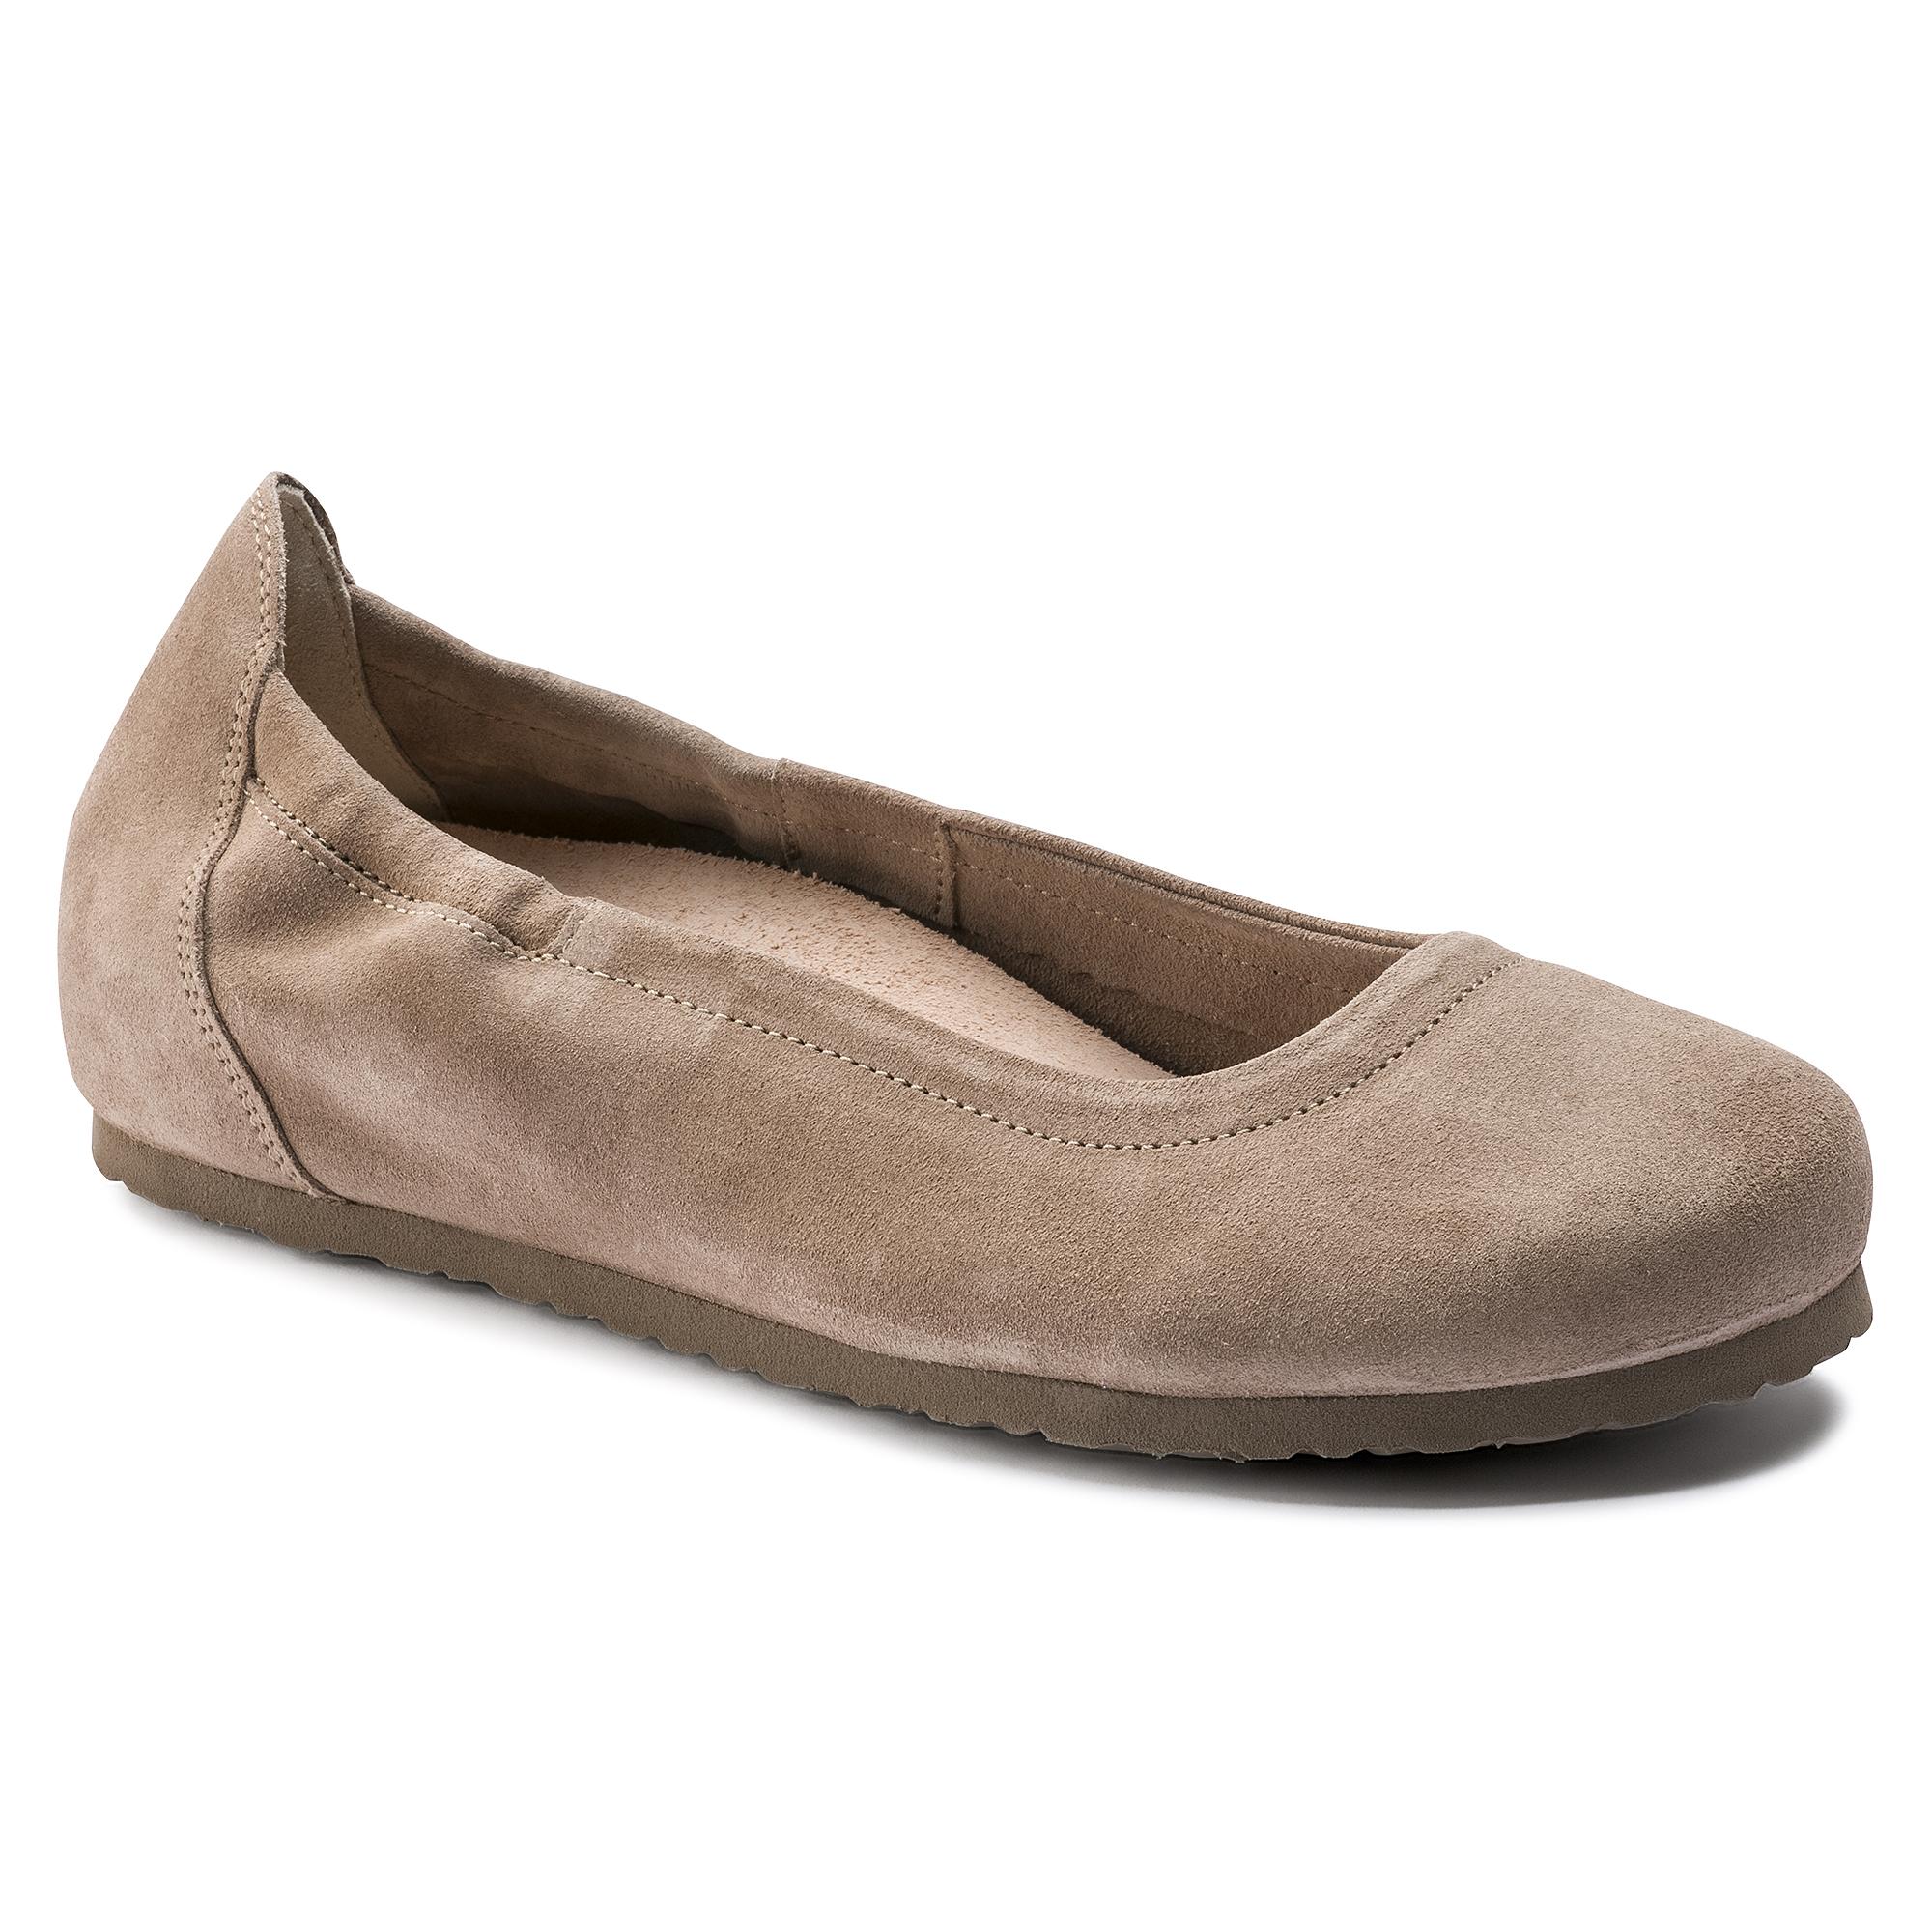 c2125faf1d83 Celina Suede Leather Taupe ...